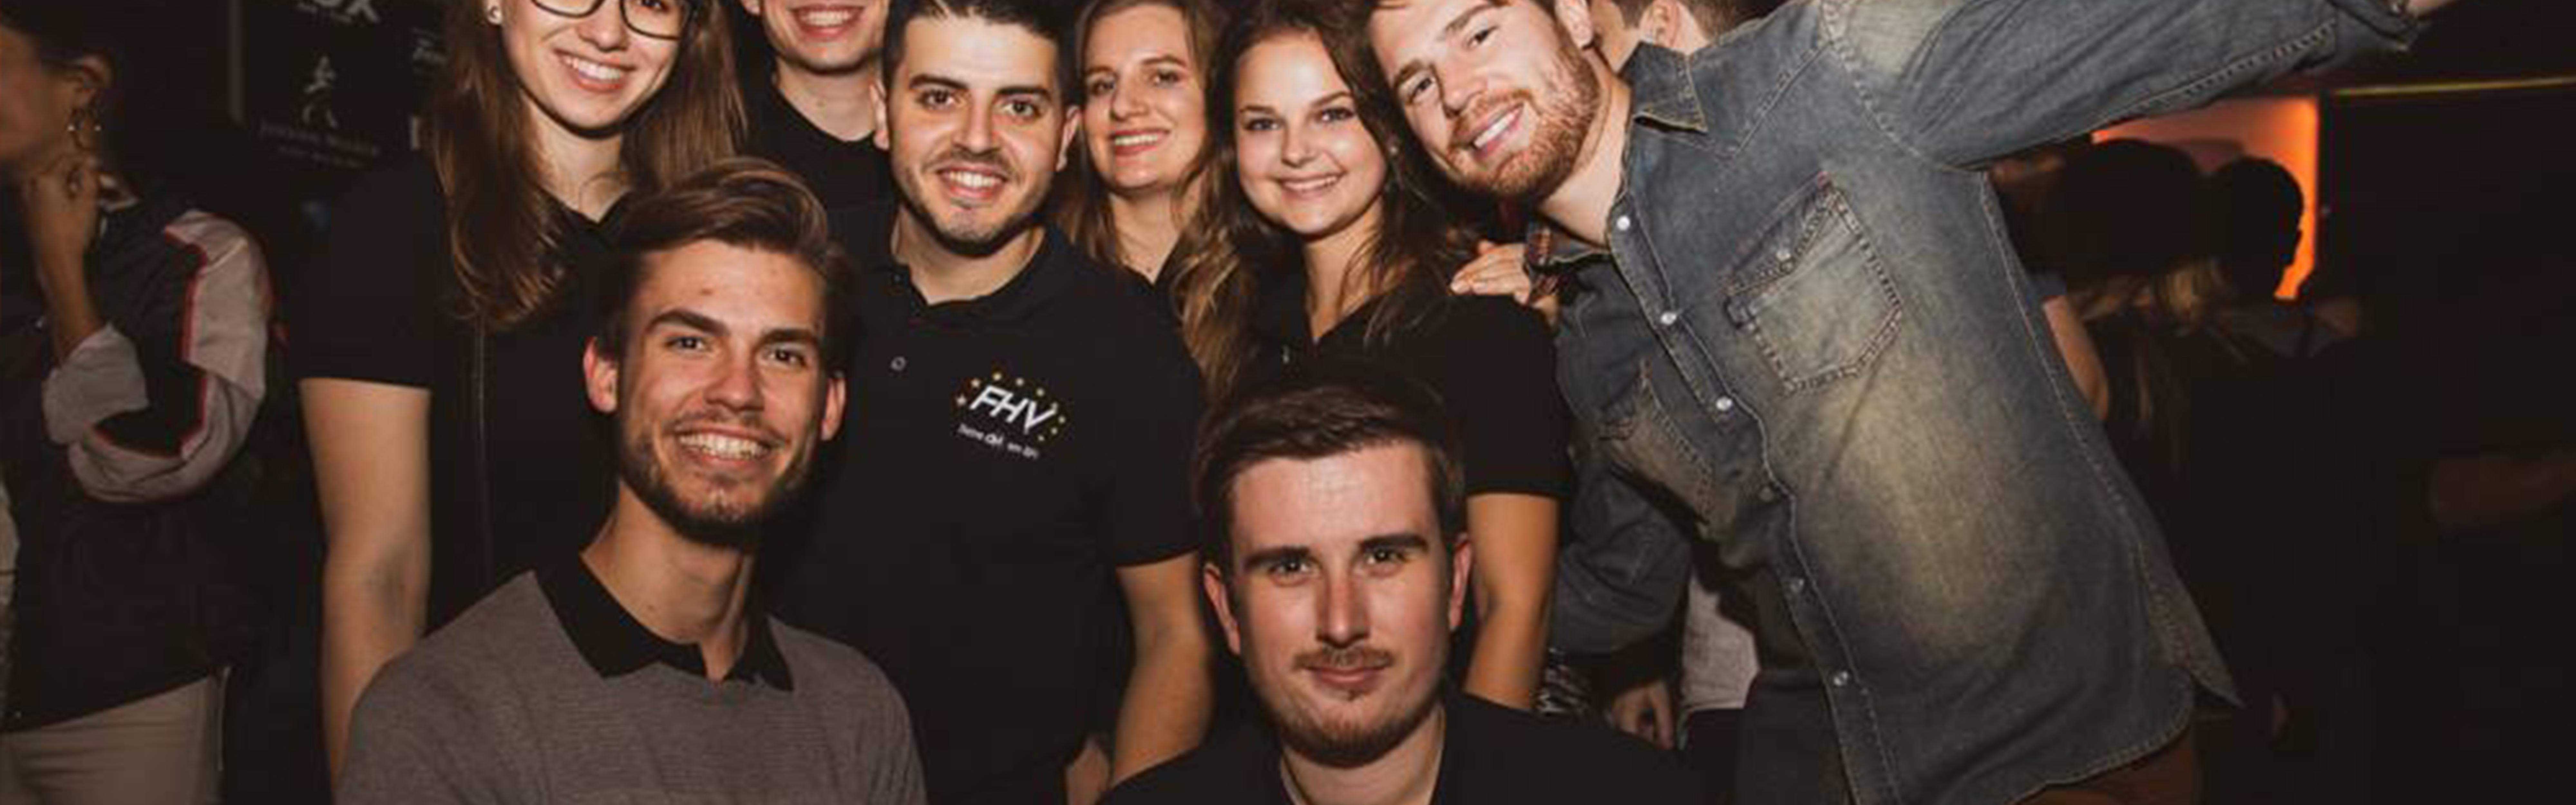 mitmachen_party